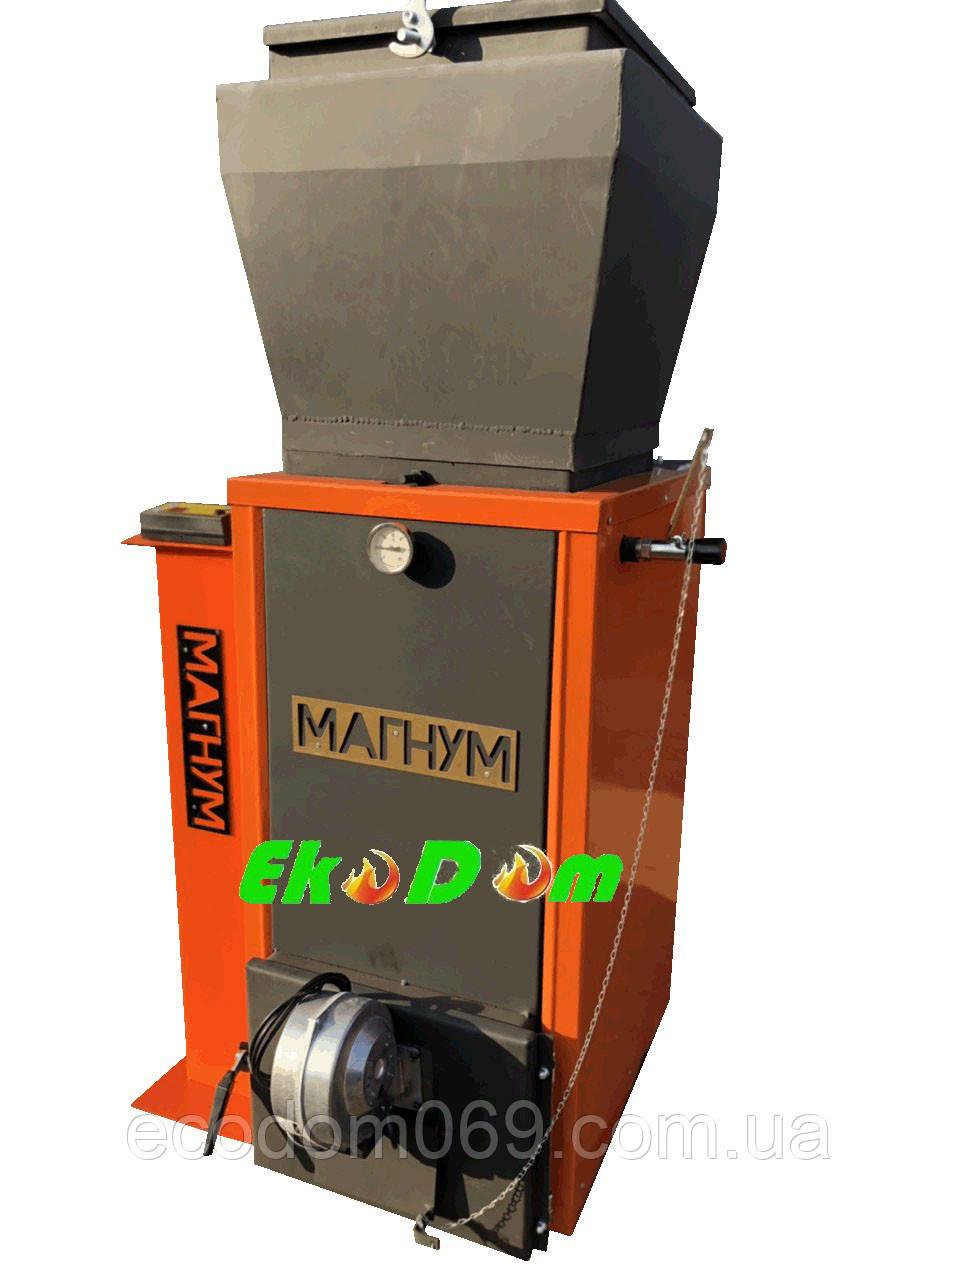 Котел шахтного типа Магнум 15 кВт с дополнительным бункером